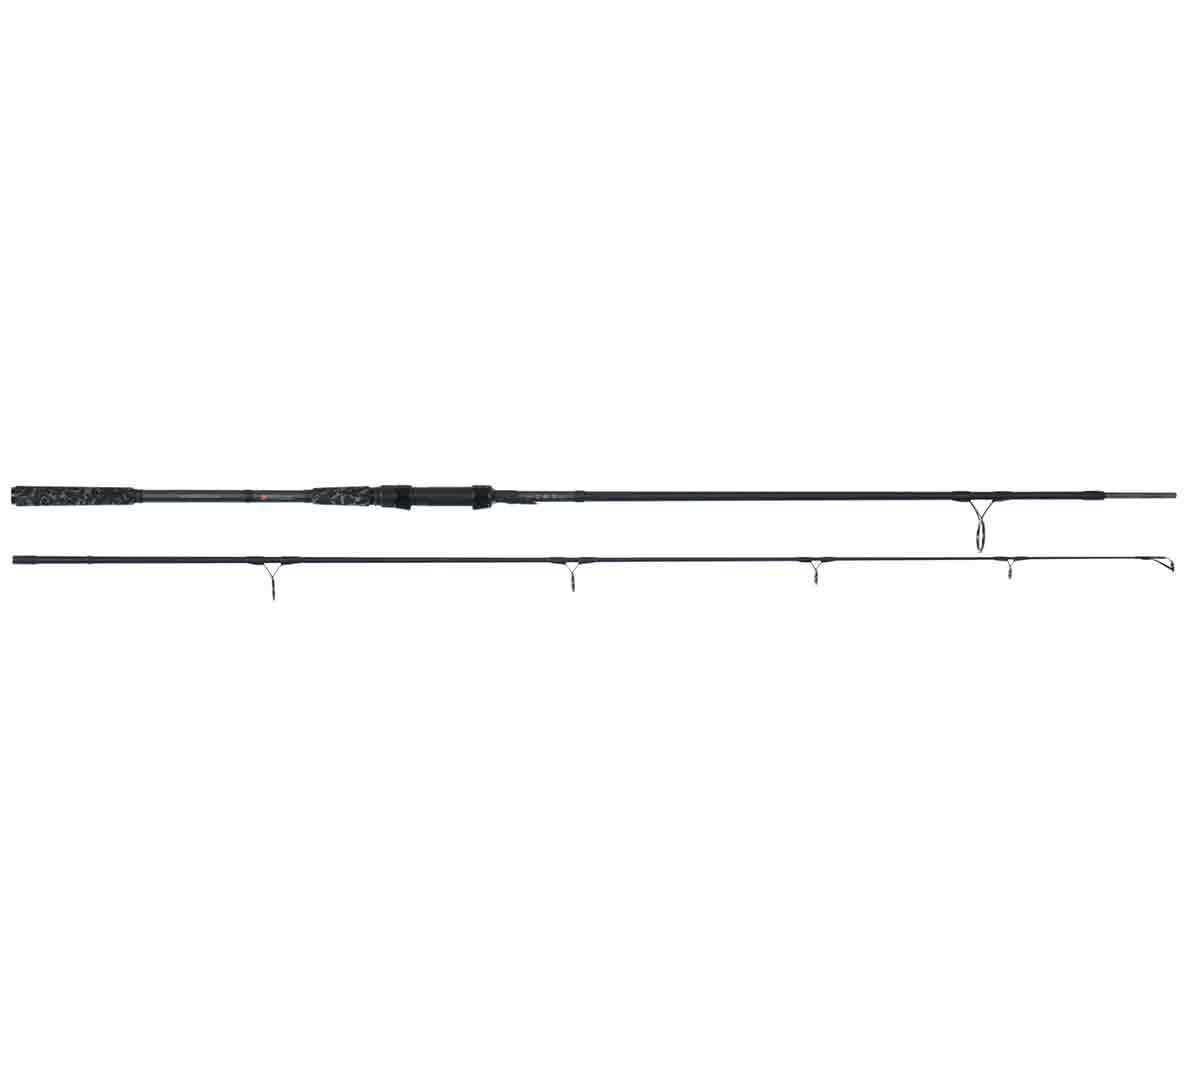 A0774 PROLOGIC C.O.M. RAW 10FT 2.75LB CARP FISHING ROD 2 SECTIONS